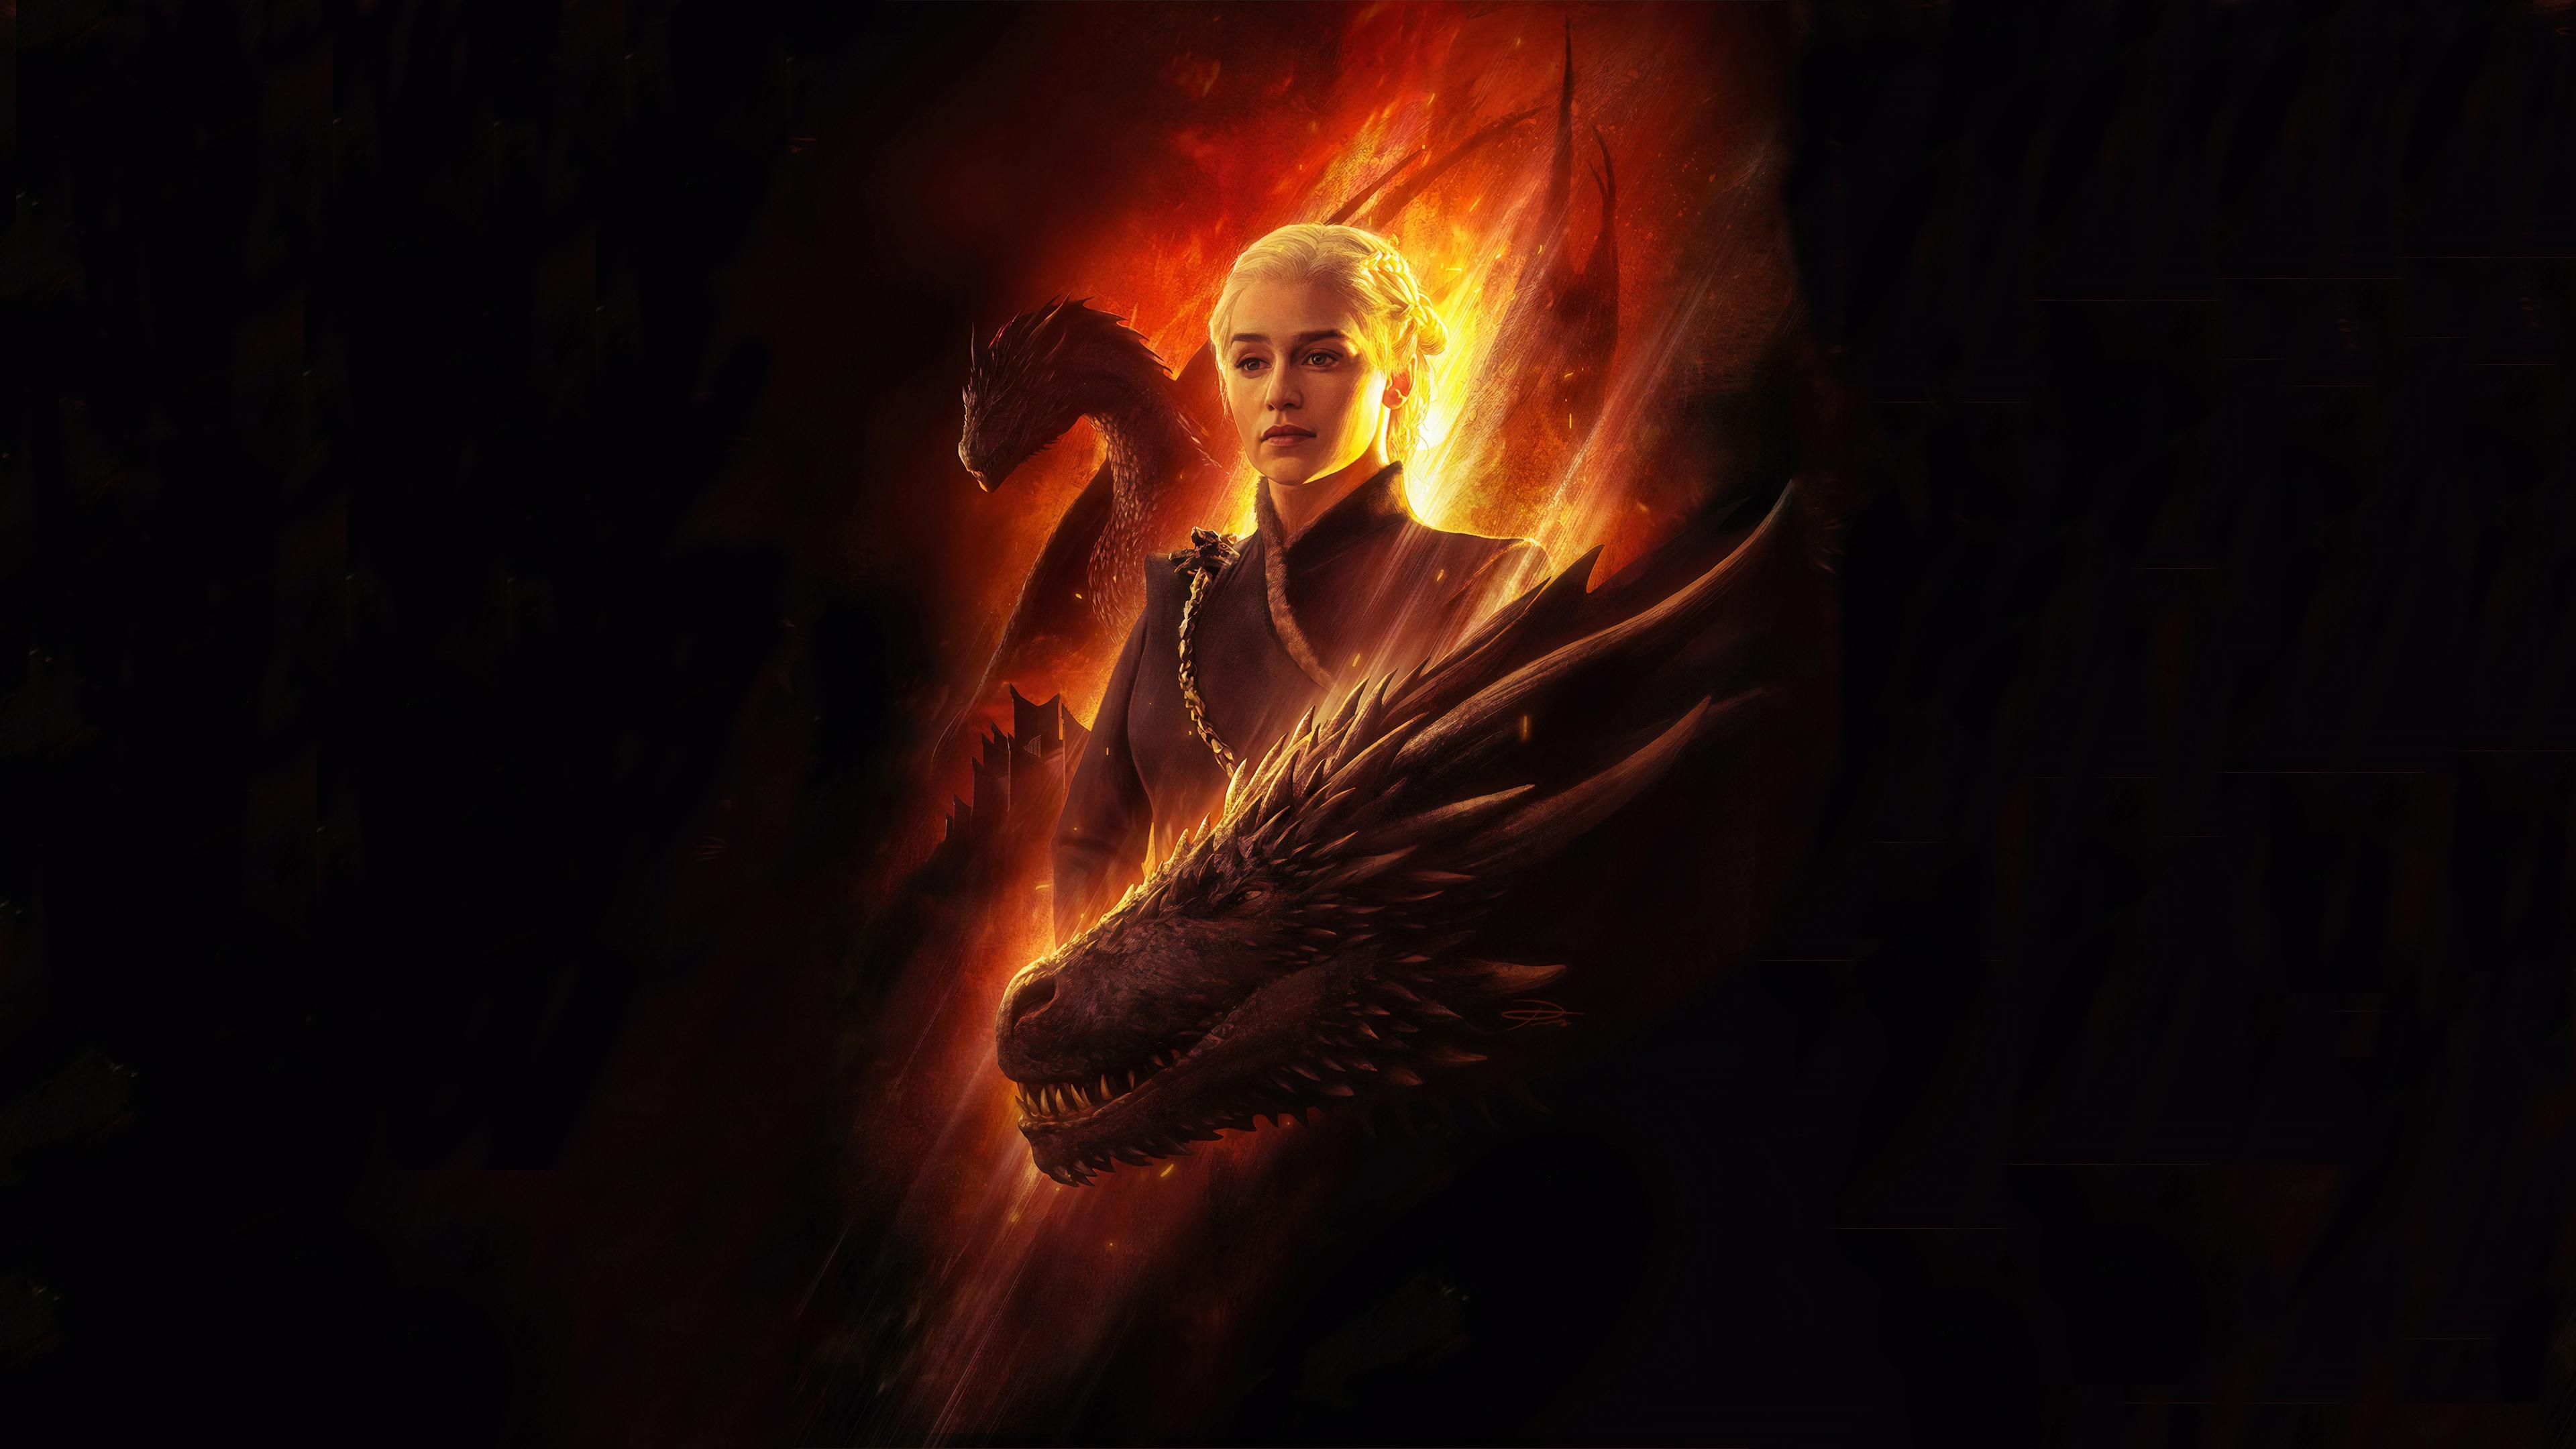 Картинки на аву драконов из игры престолов